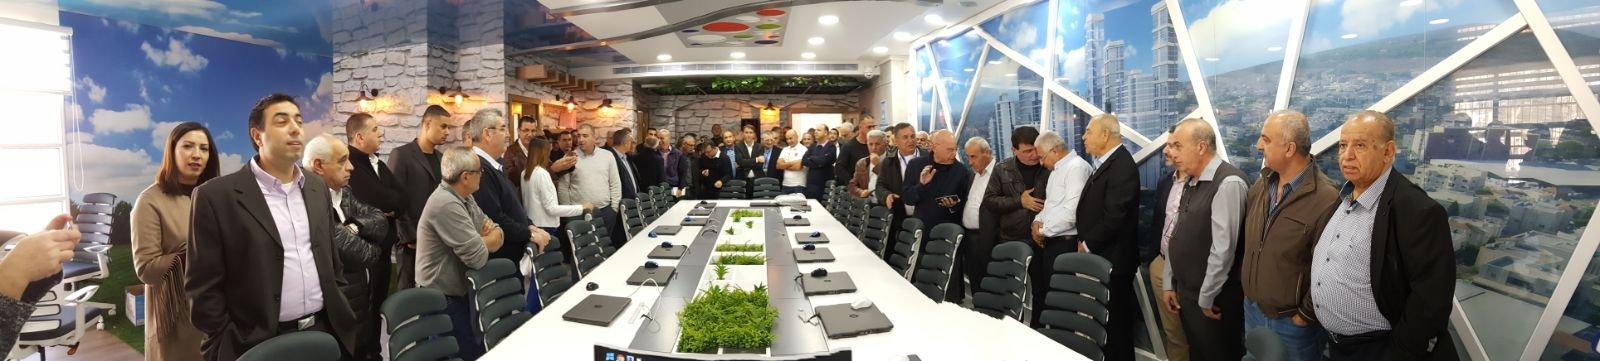 سخنين: افتتاح مركز التربية للتخطيط في مقر لجنة التنظيم والبناء قلب هجليل